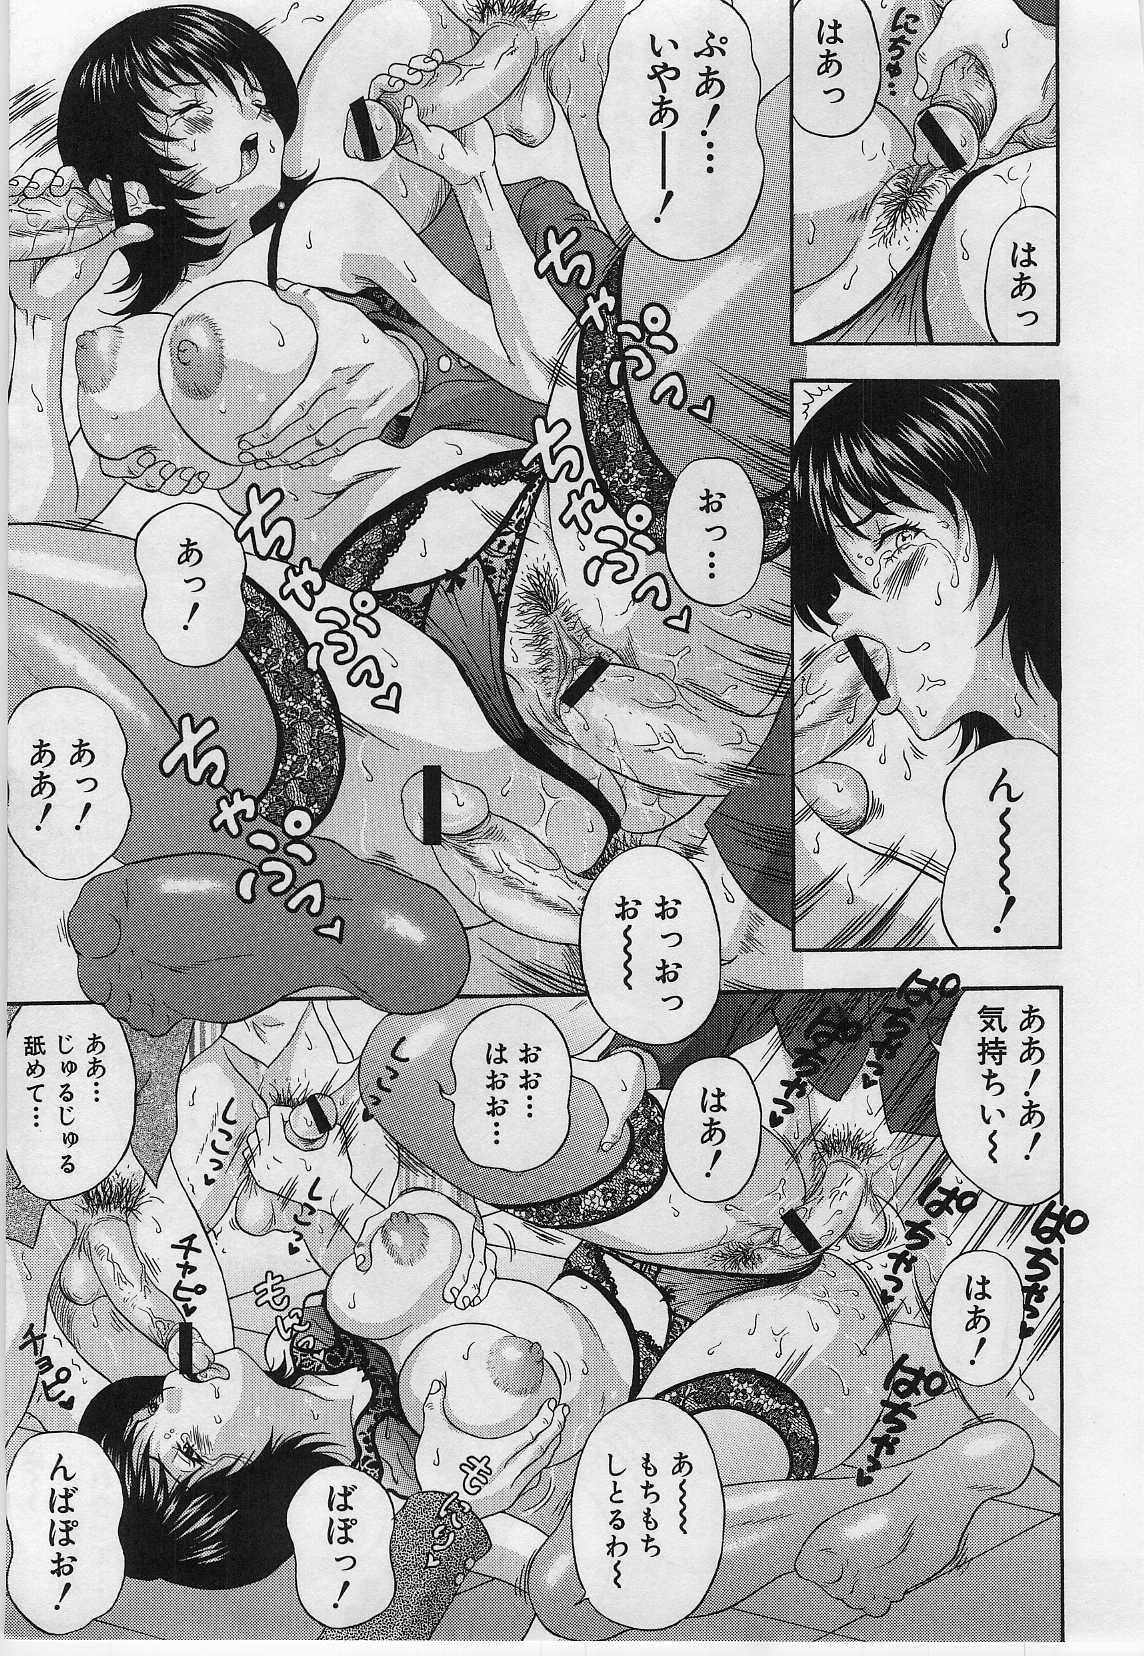 Yokubou no Hako - The Box of the Desire 94